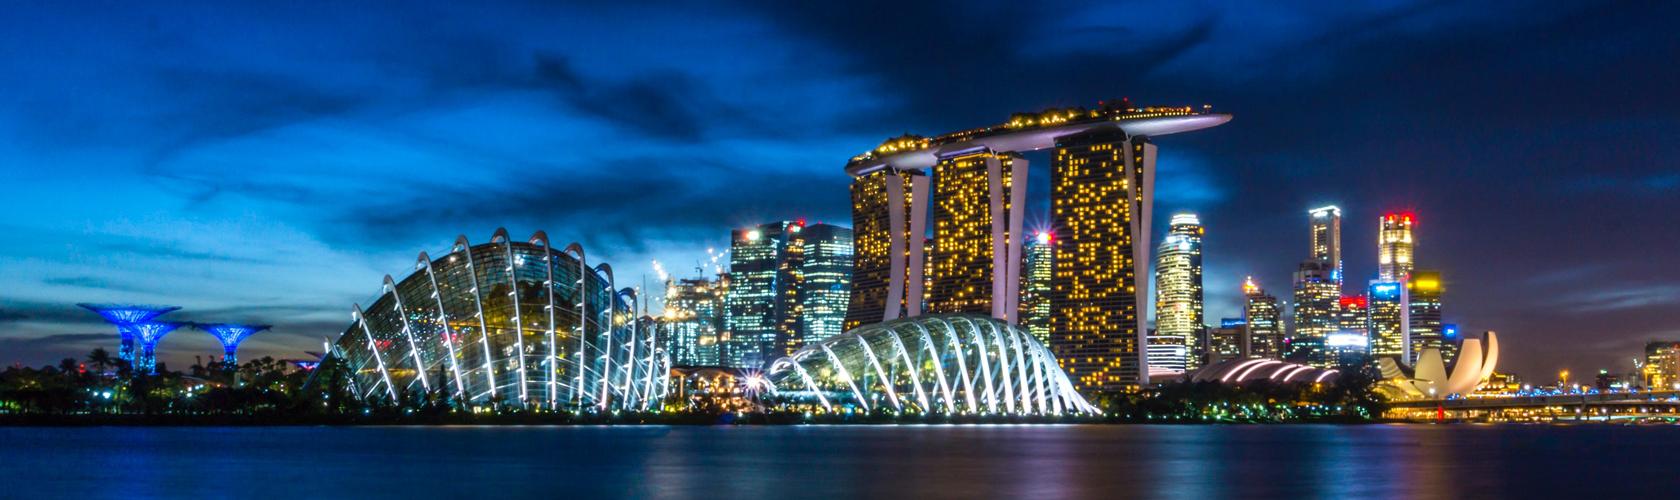 ITB Asia event, Singapore, Oct 2019